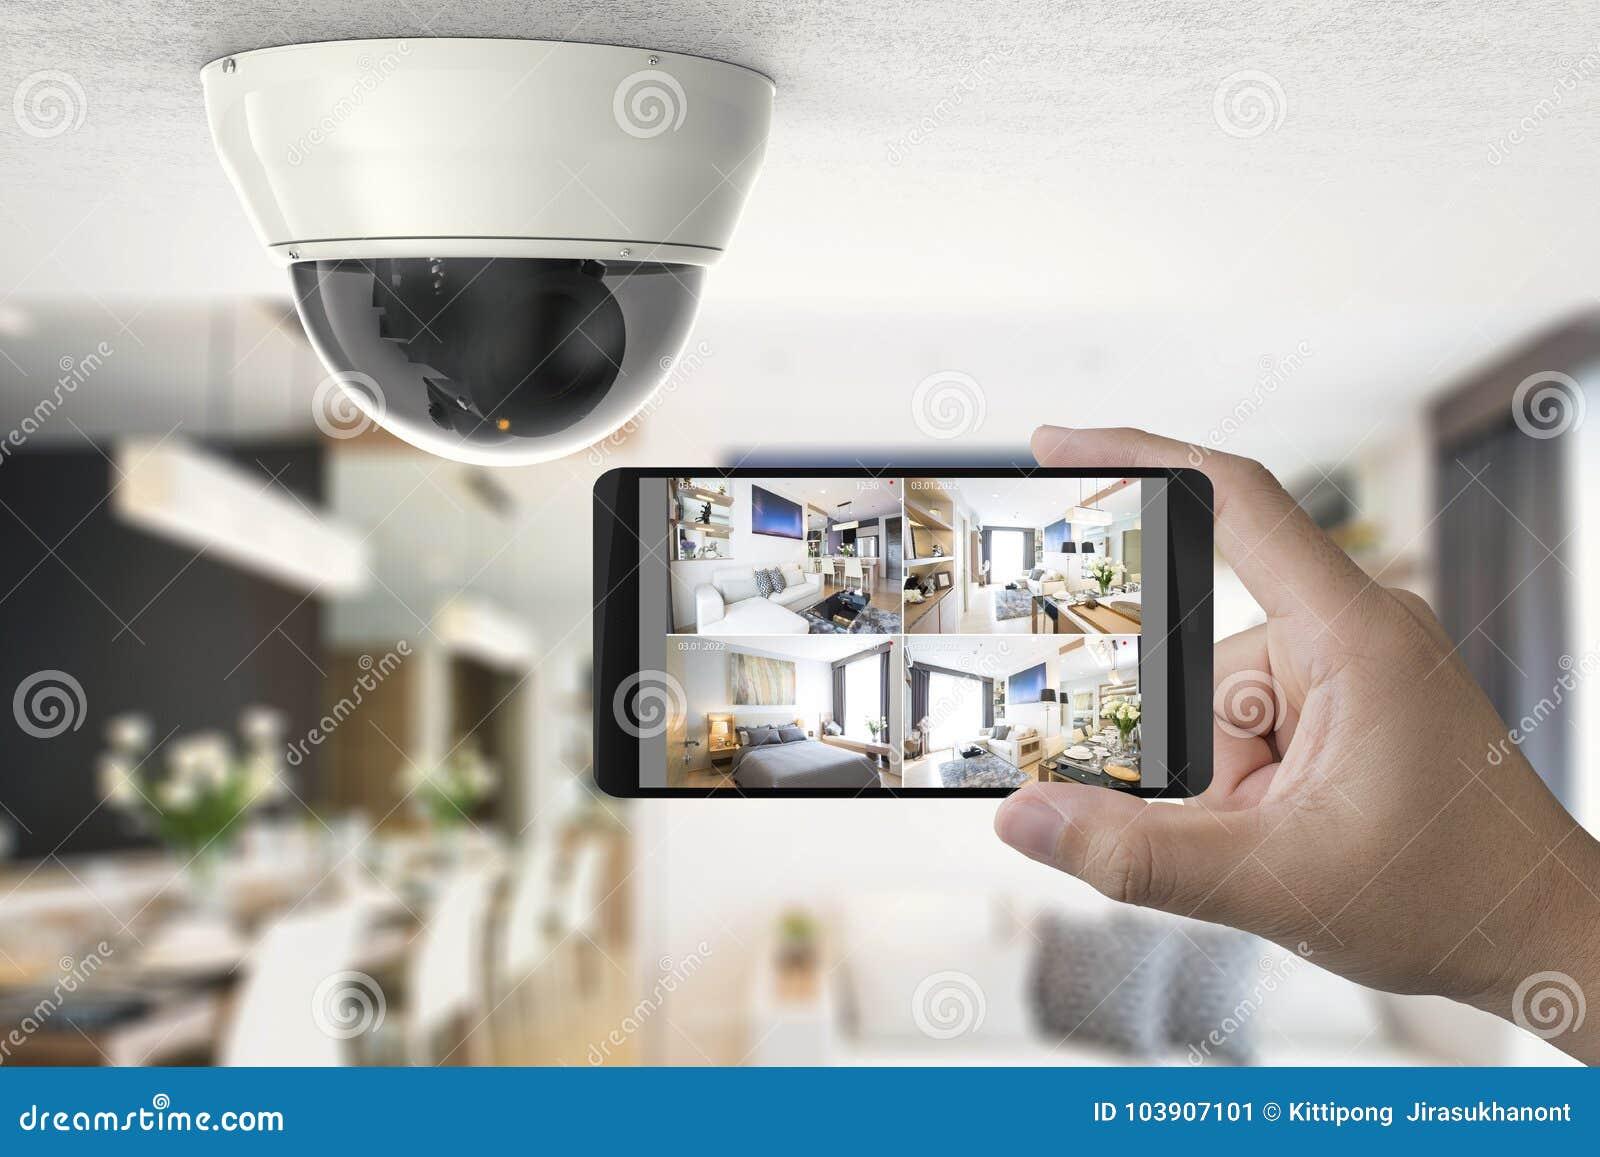 El móvil conecta con la cámara de seguridad